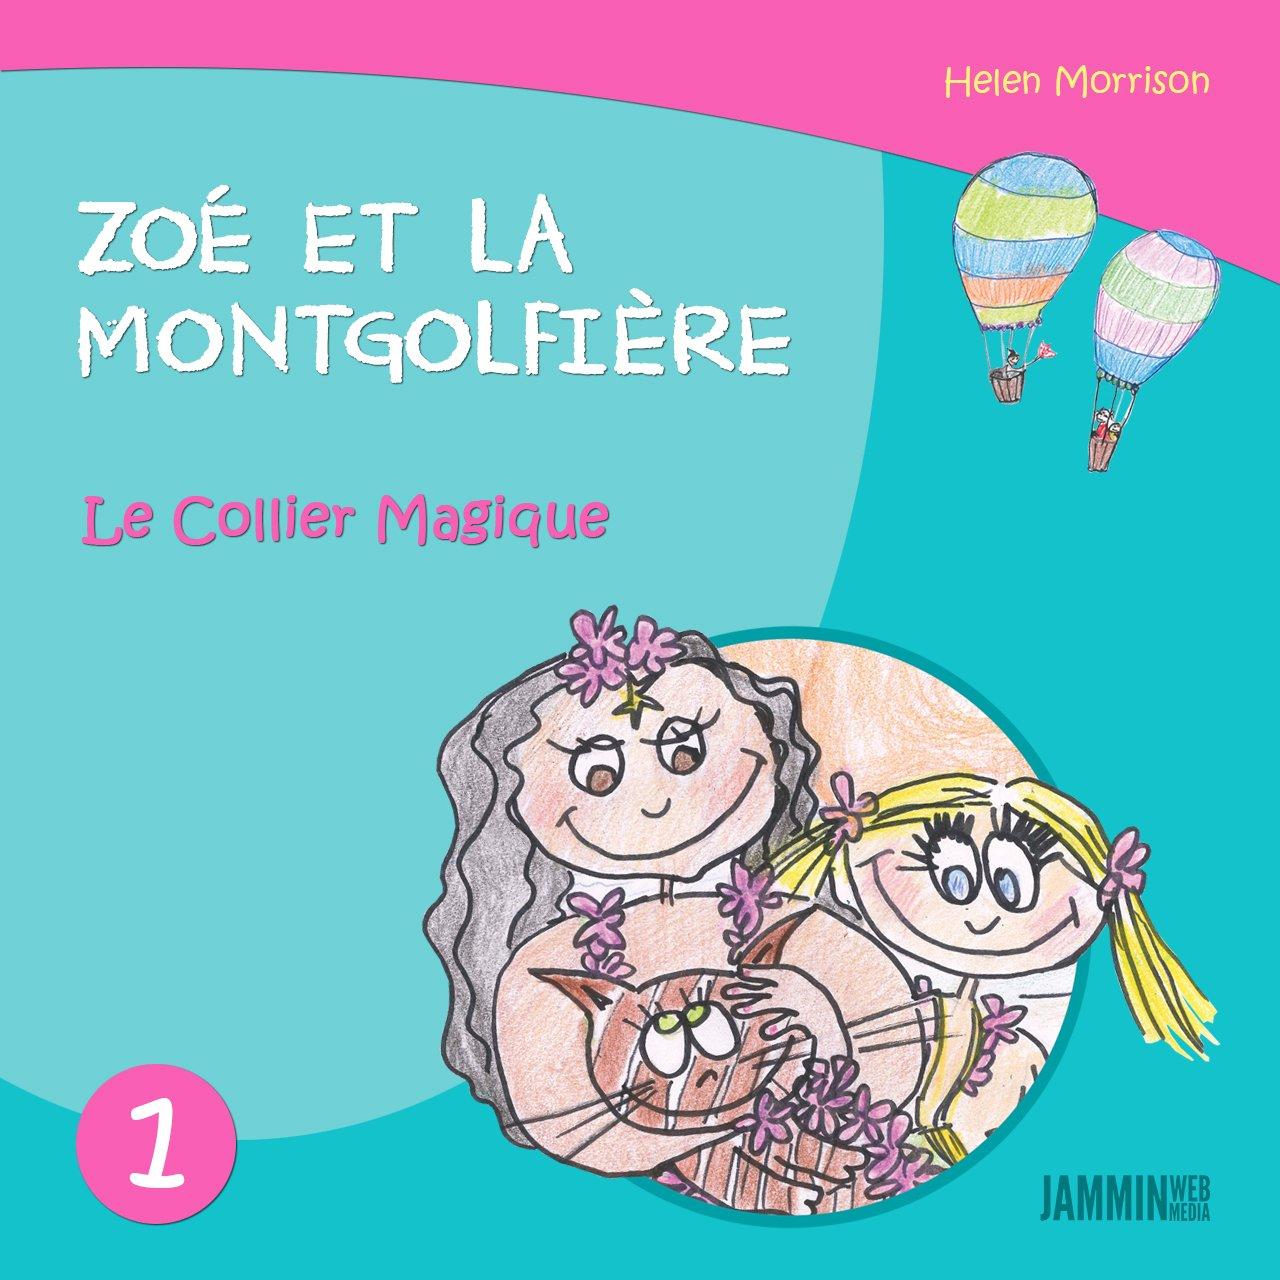 Livres pour enfants: Le Collier Magique: Zoé et la Montgolfière (Livres pour enfants, enfant, enfant 8 ans, enfant secret, livre pour bébé, bébé, enfant 3 ans, enfant 0 à 3 ans, livres enfants) por Helen Morrison